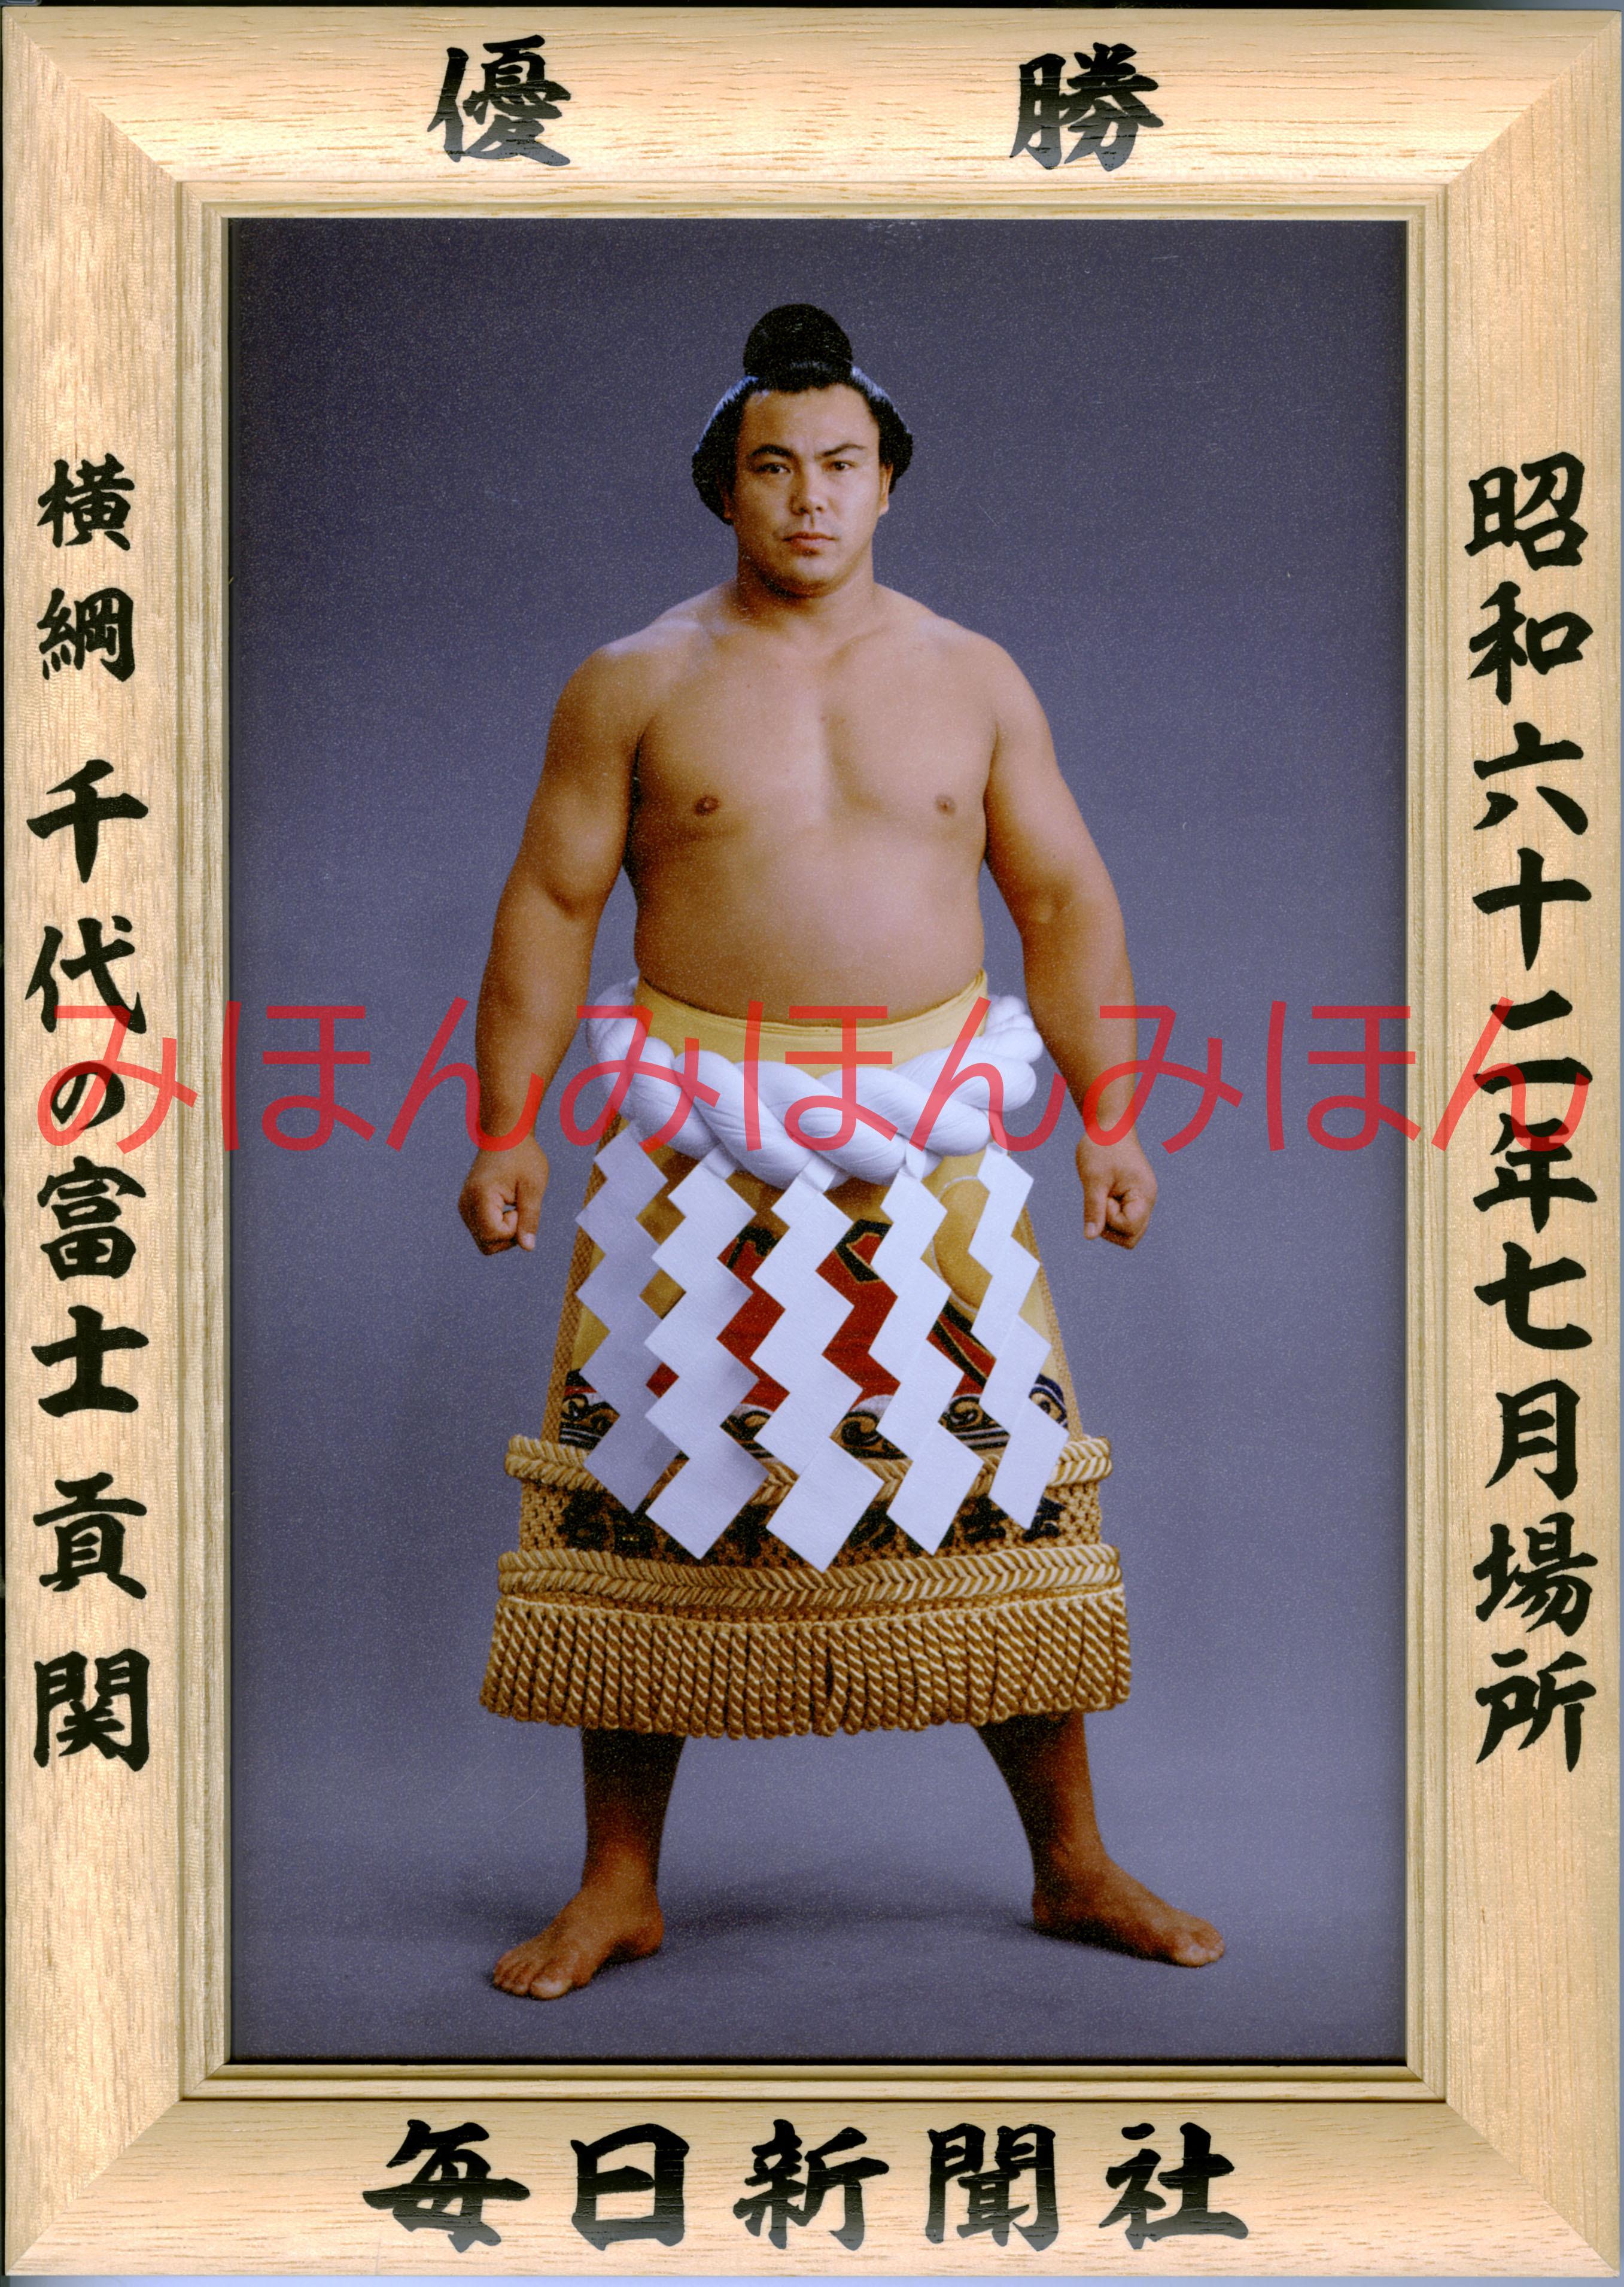 昭和62年7月場所優勝 横綱 千代の富士貢関(21回目の優勝)